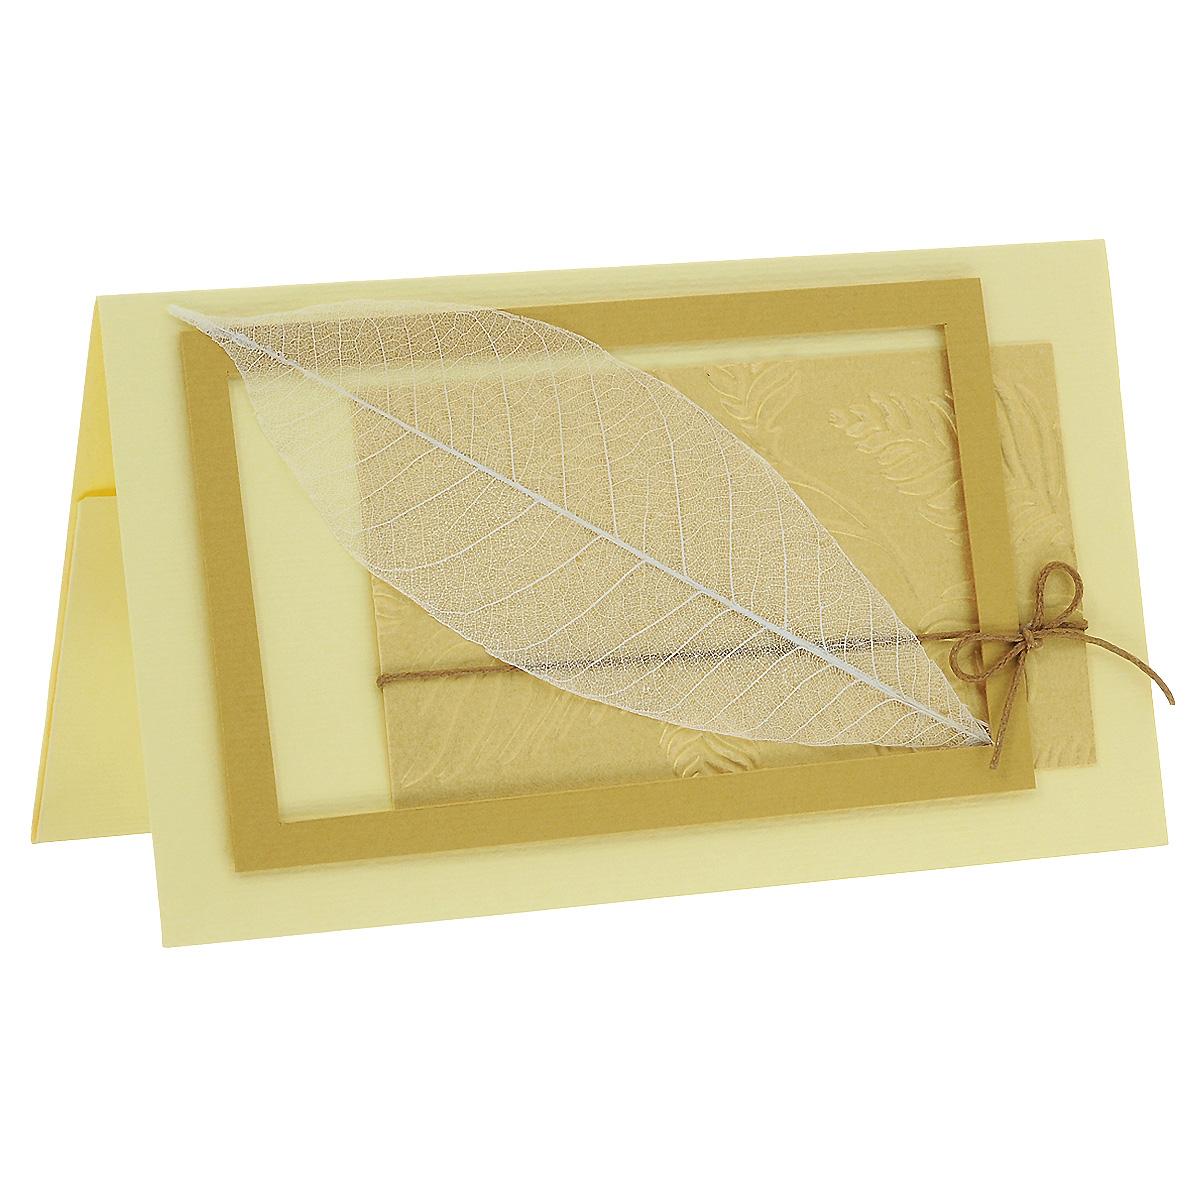 ОРАЗ-0006 Открытка-конверт (скелетированный лист). Студия «Тётя Роза»30515209Характеристики: Размер 19 см x 11 см.Материал: Высоко-художественный картон, бумага, декор. Данная открытка может стать как прекрасным дополнением к вашему подарку, так и самостоятельным подарком. Так как открытка является и конвертом, в который вы можете вложить ваш денежный подарок или просто написать ваши пожелания на вкладыше. Природная чистота и выразительность сохранена в нежном ажуре скелетированного листа, помещенного в золотую рамочку на рельефном фоне. Бежево-золотая гамма открытки придает ей изысканное благородство. Также открытка упакована в пакетик для сохранности.Обращаем Ваше внимание на то, что открытка может незначительно отличаться от представленной на фото.Открытки ручной работы от студии Тётя Роза отличаются своим неповторимым и ярким стилем. Каждая уникальна и выполнена вручную мастерами студии. (Открытка для мужчин, открытка для женщины, открытка на день рождения, открытка с днем свадьбы, открытка винтаж, открытка с юбилеем, открытка на все случаи, скрапбукинг)